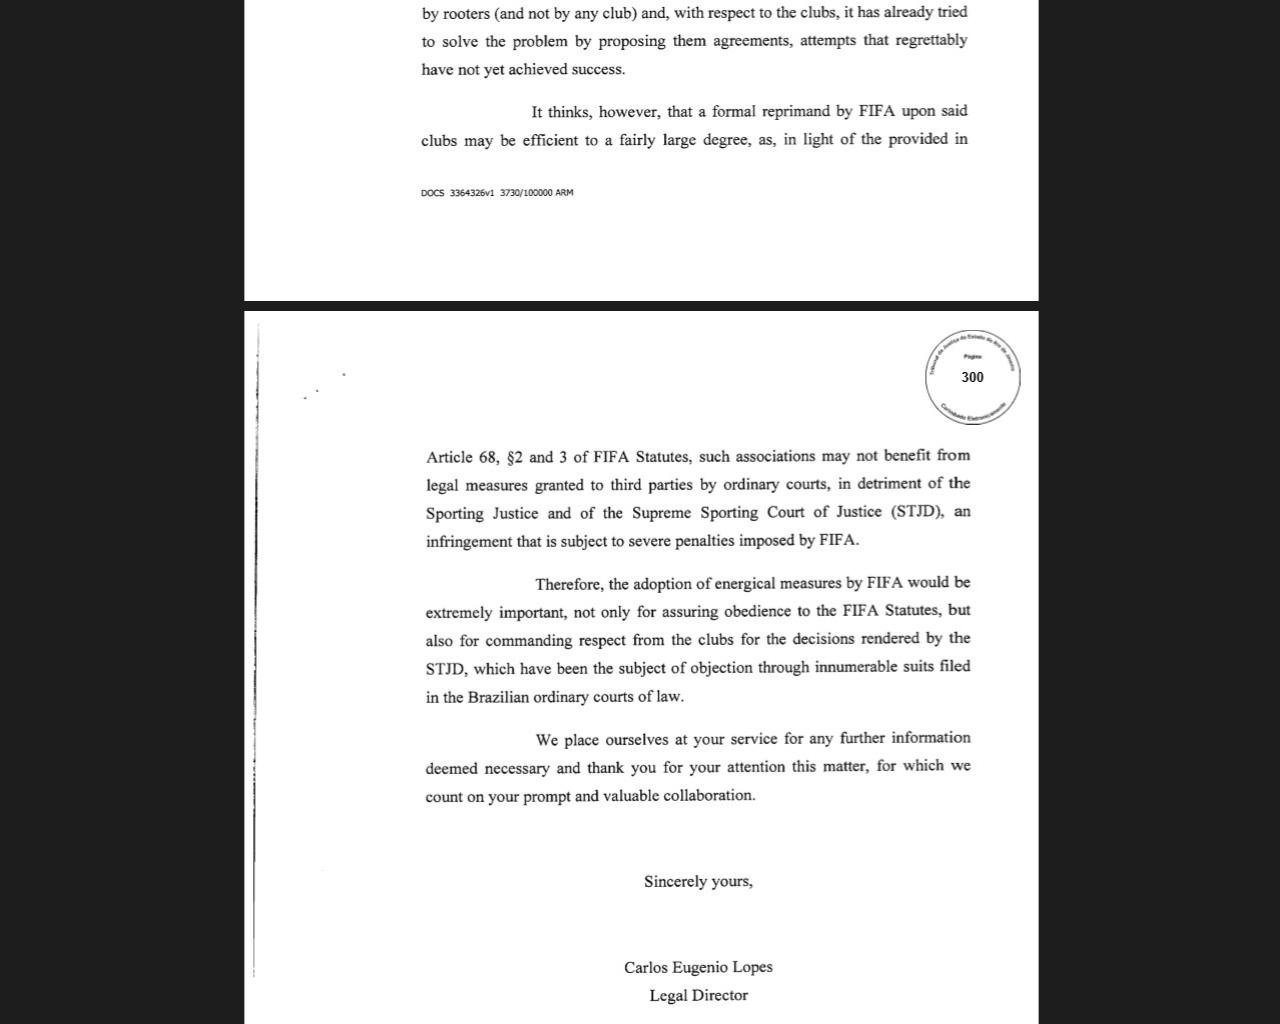 Carta enviada pela CBF à Fifa pede ajuda contra clubes na Justiça Comum